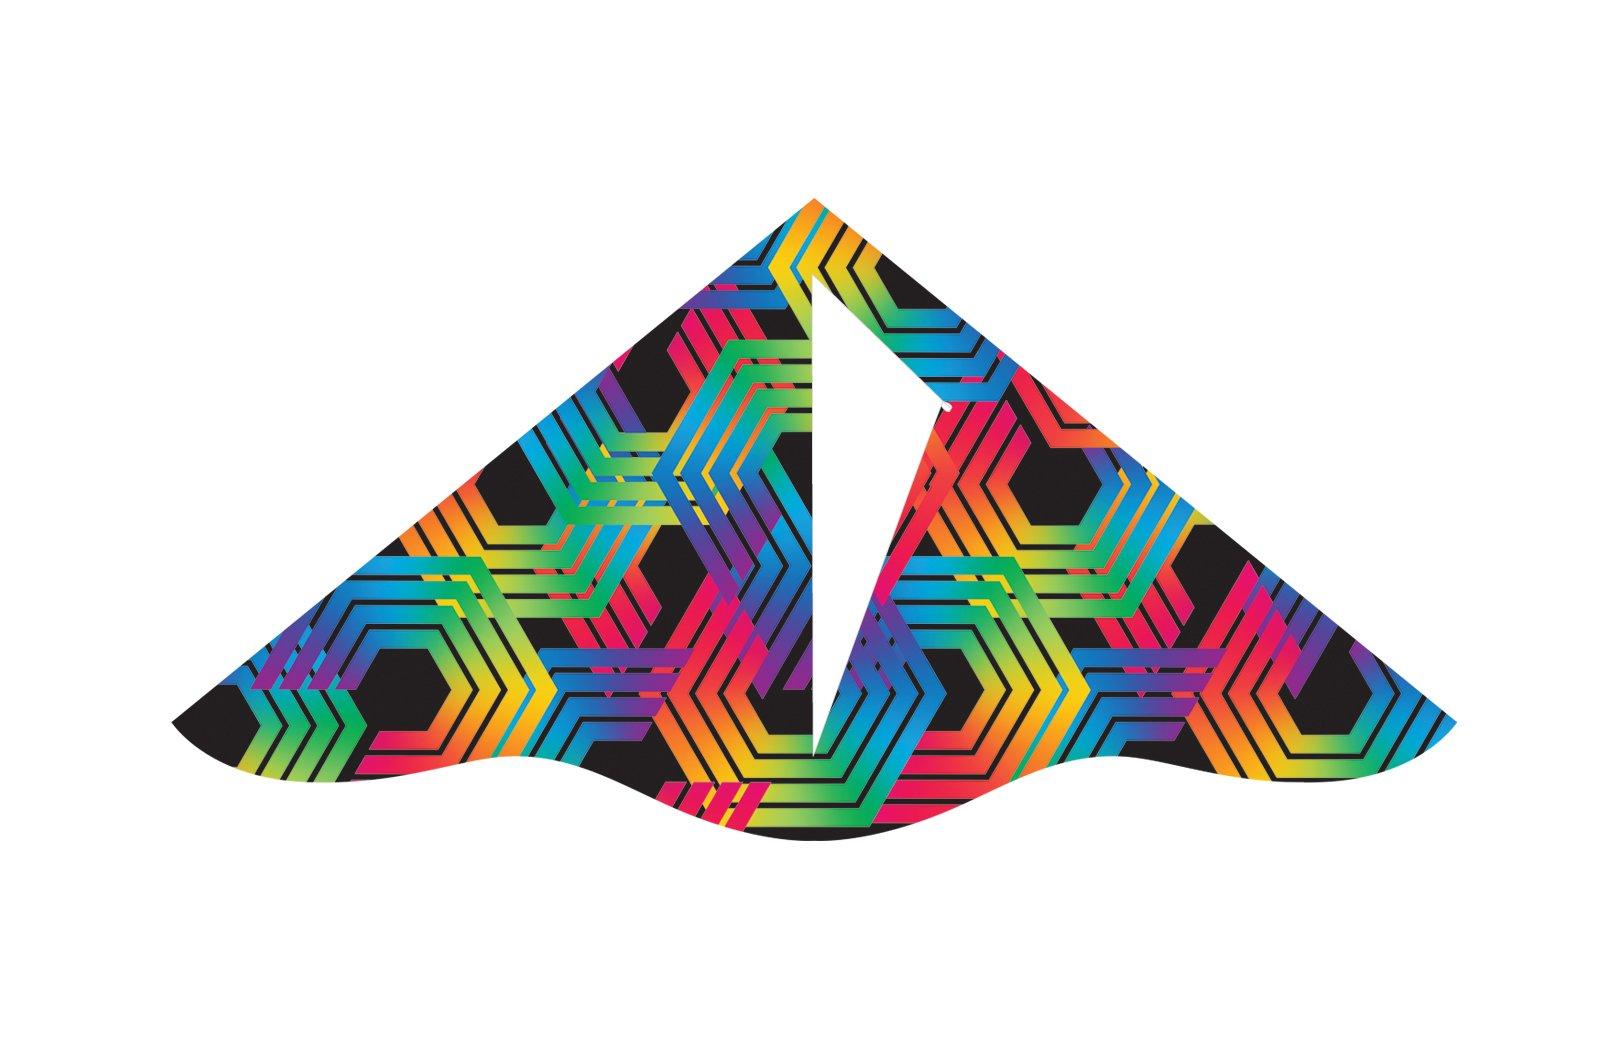 X-Kites Deluxe Delta Nylon Kite Assortment Pack (12-Pack), 42'' by X-Kites (Image #3)